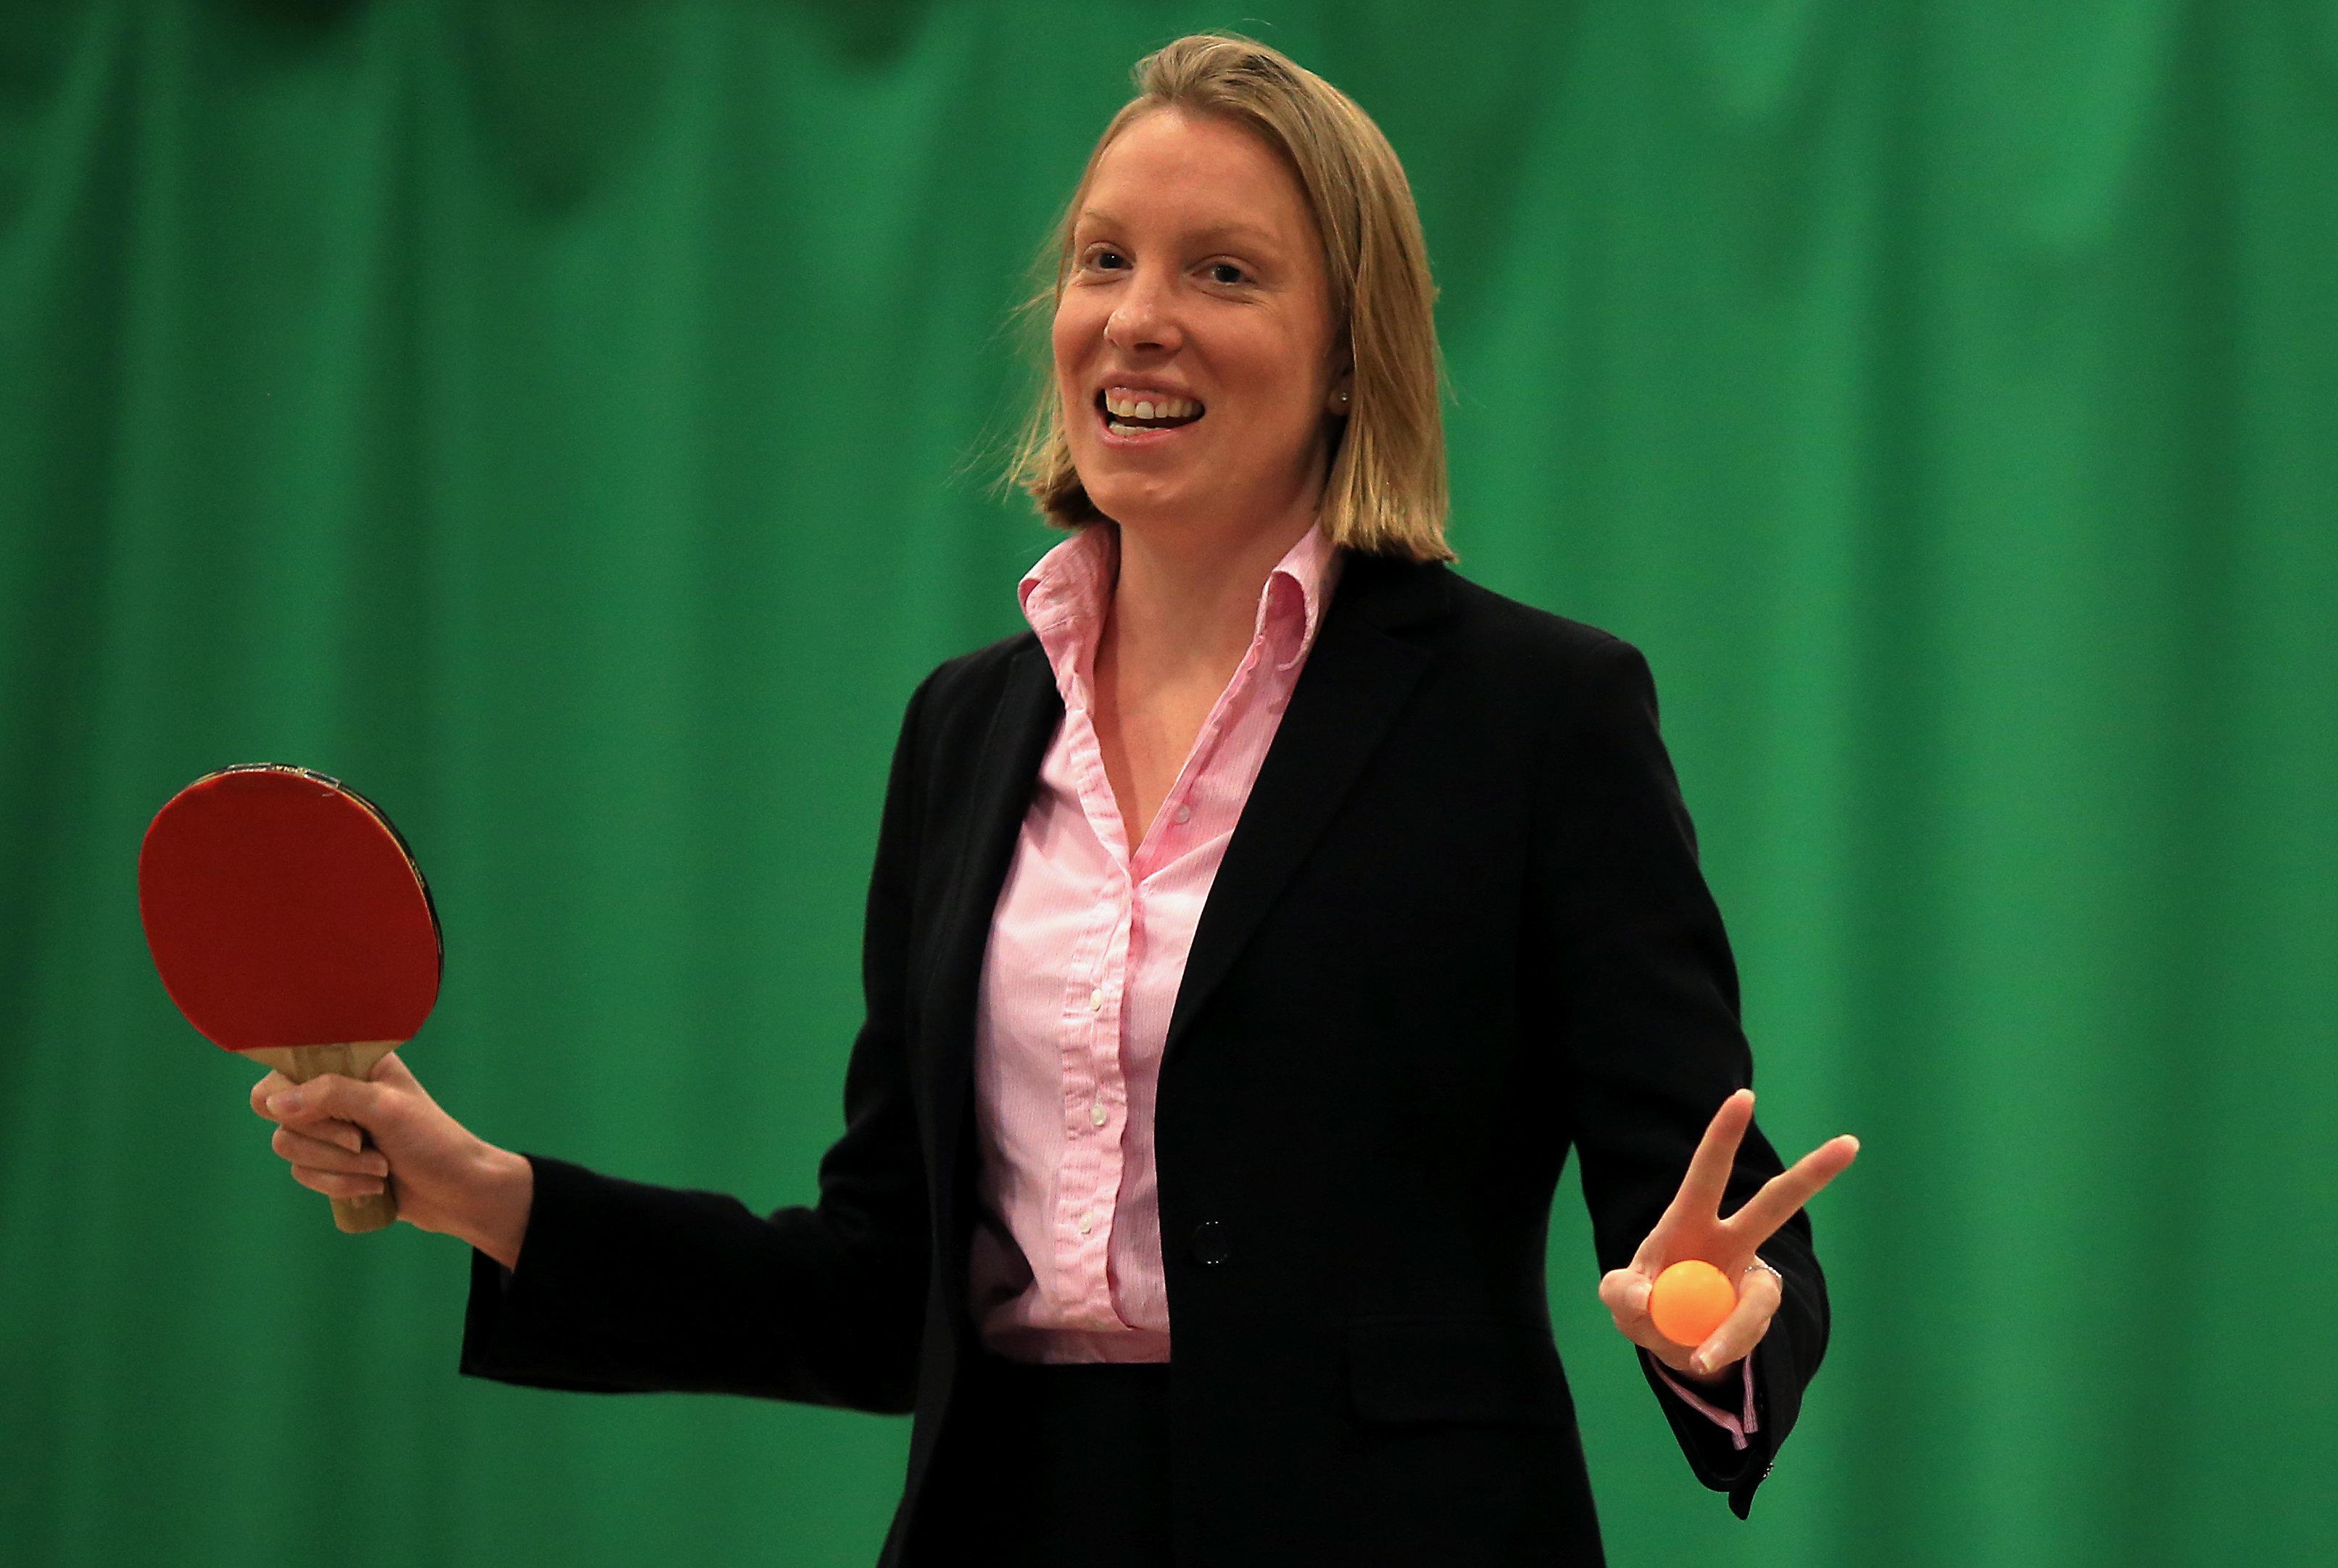 Tracey Crouch ist Ministerin für ein weltweit unterschätztes Thema, das entscheidend für das Wohlergehen aller ist